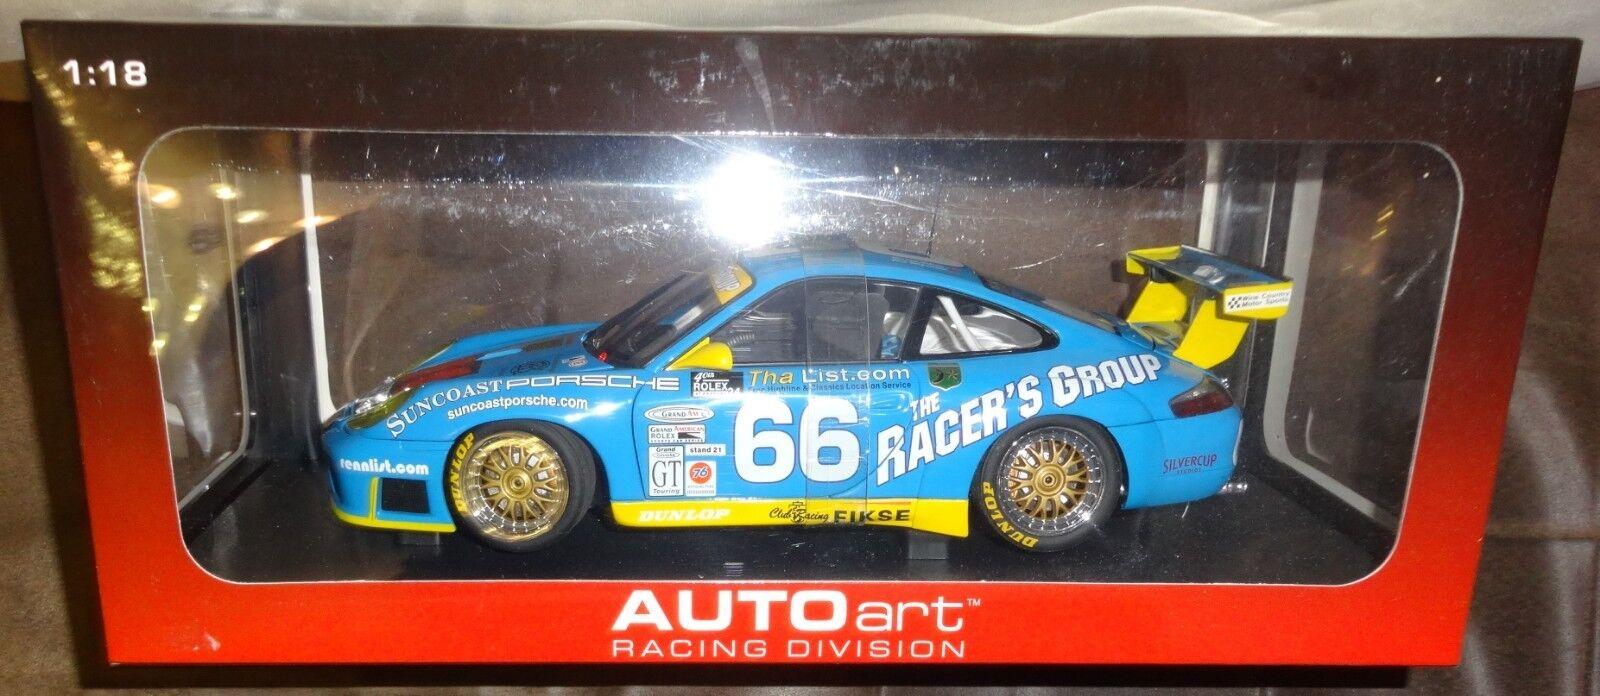 1:18 Autoart 80273 PORSCHE 911 gt3r DAYTONA 24hrs GT CLASS WINNER 2002  RACER's